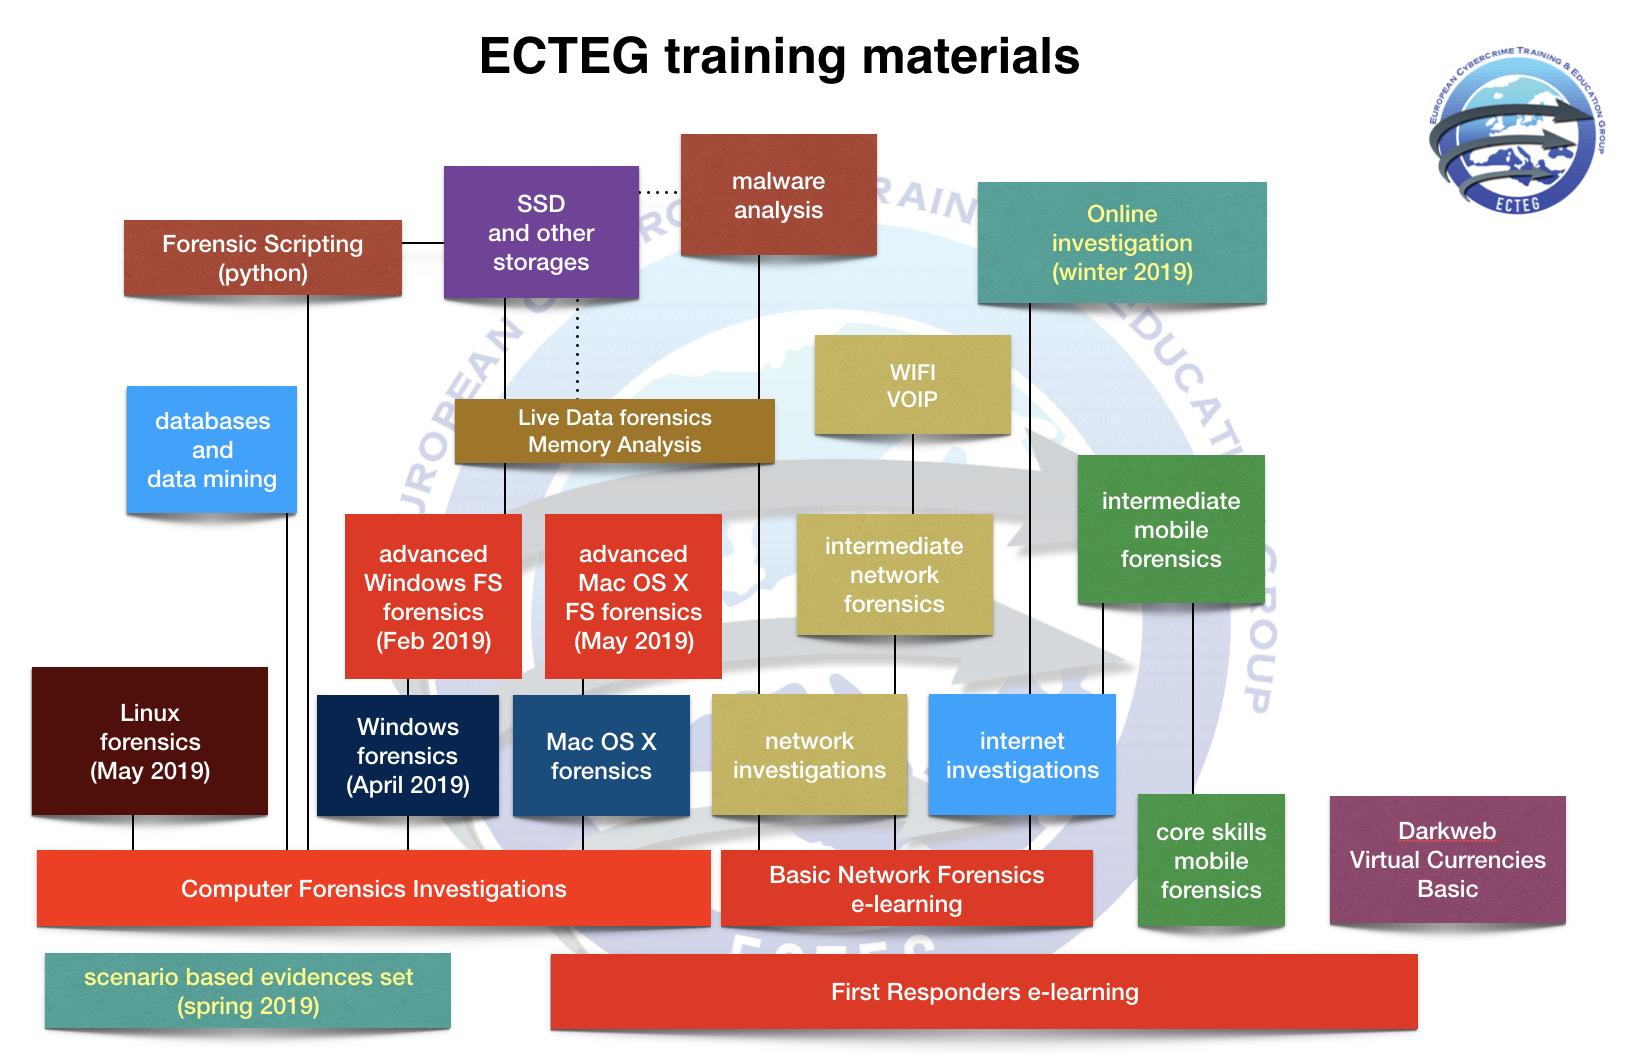 ECTEG_materials_201811